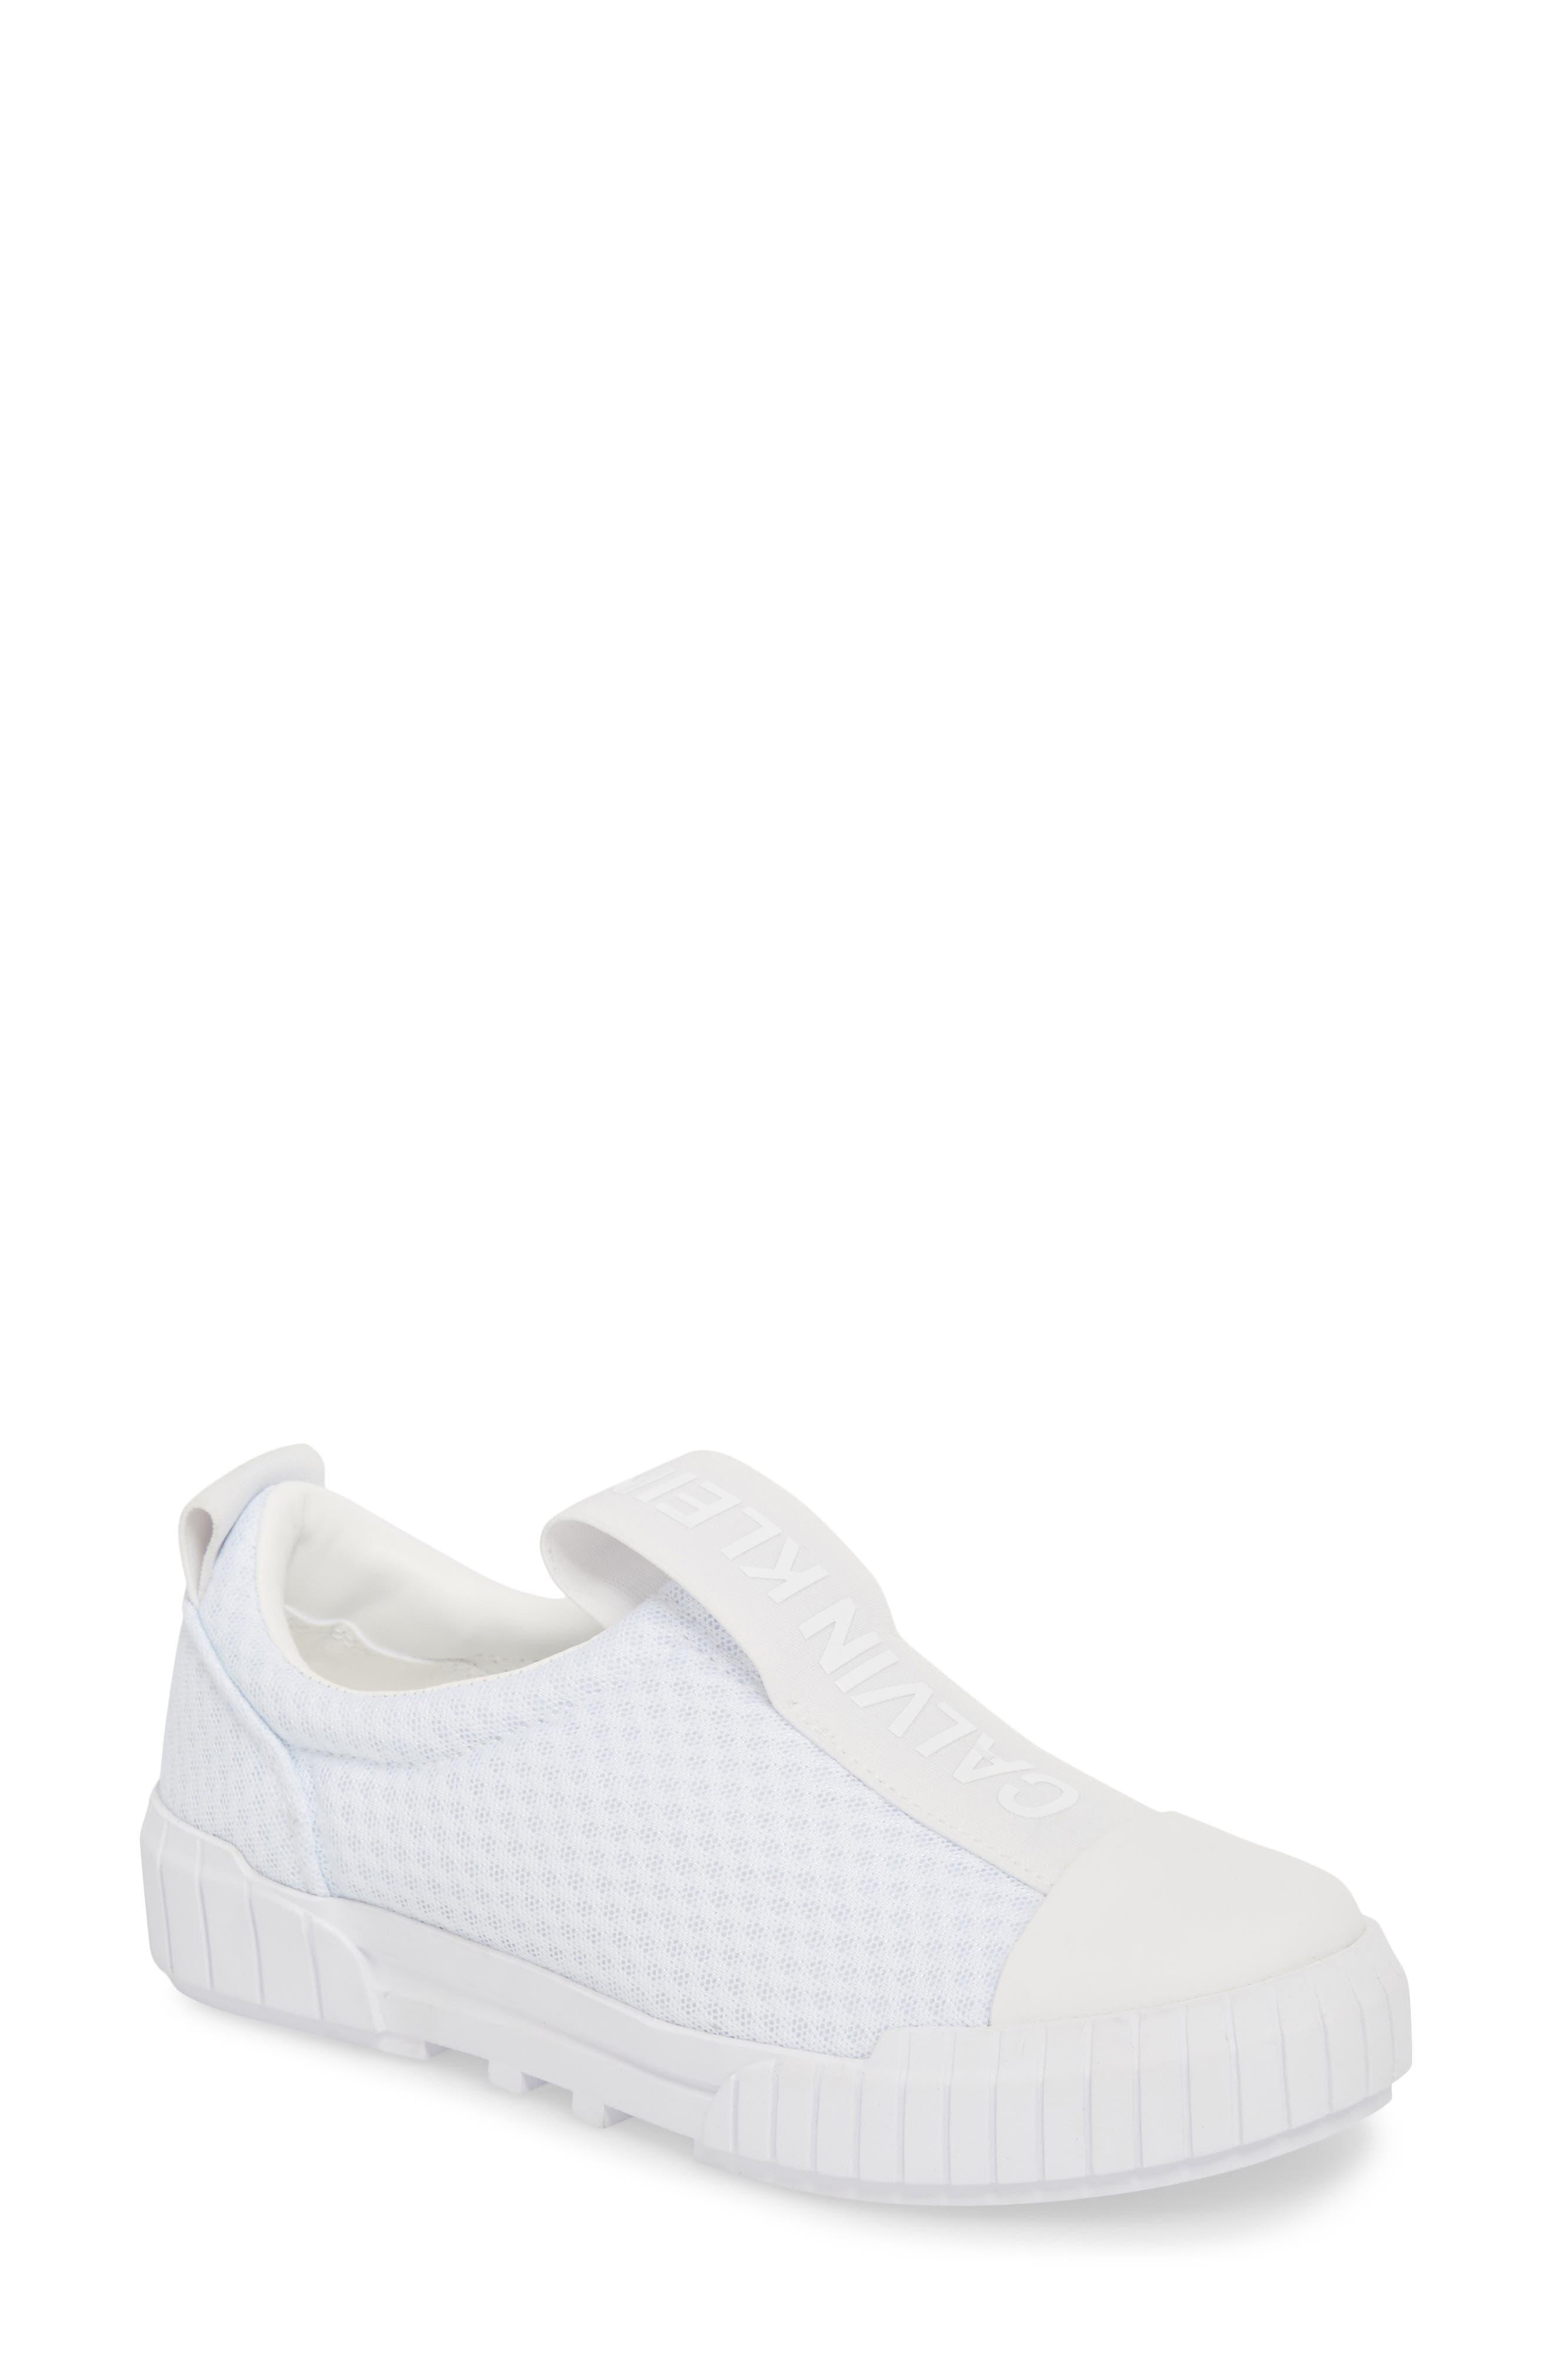 Bamina Slip-On Sneaker,                             Main thumbnail 1, color,                             WHITE